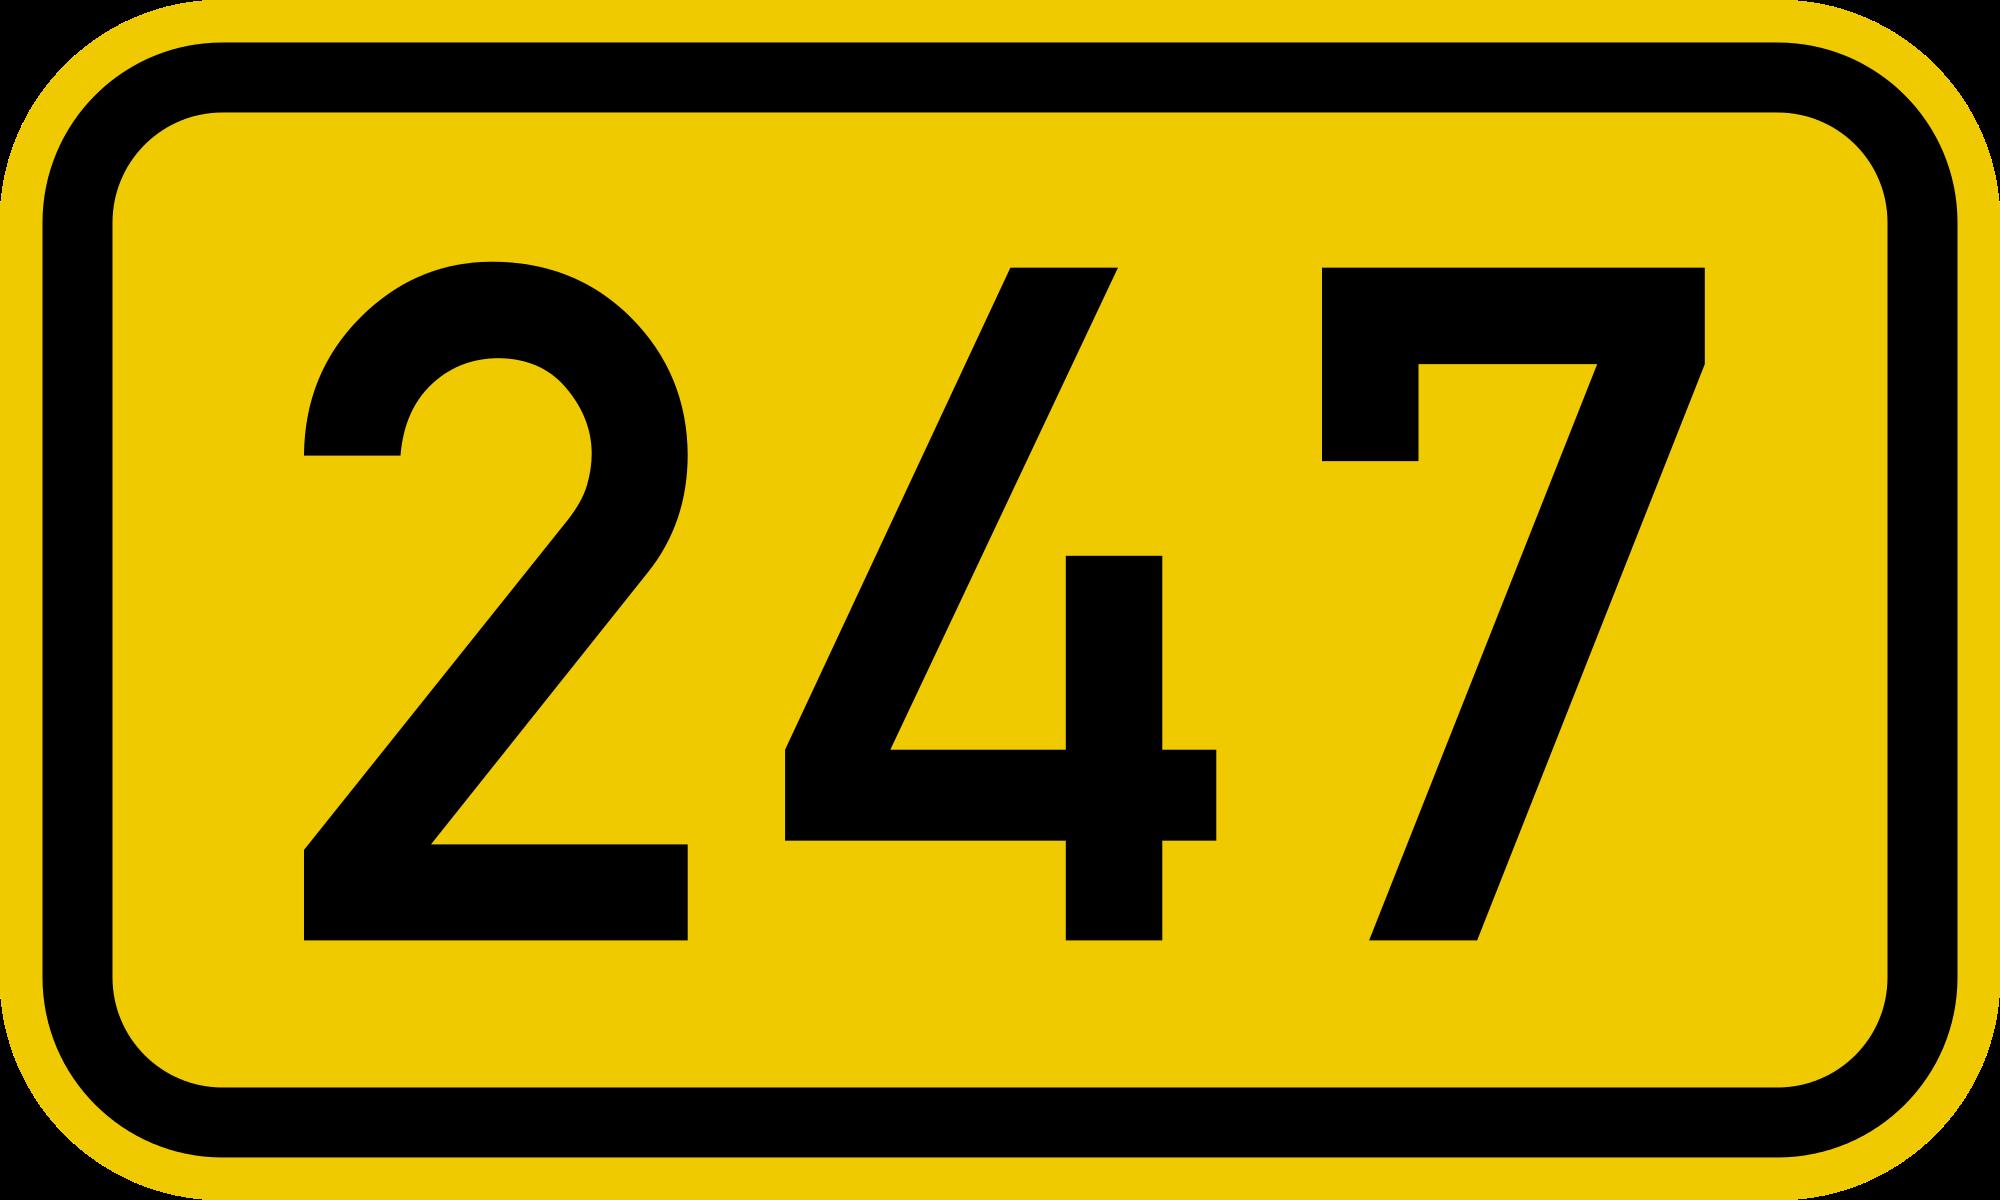 BACH HOA 247